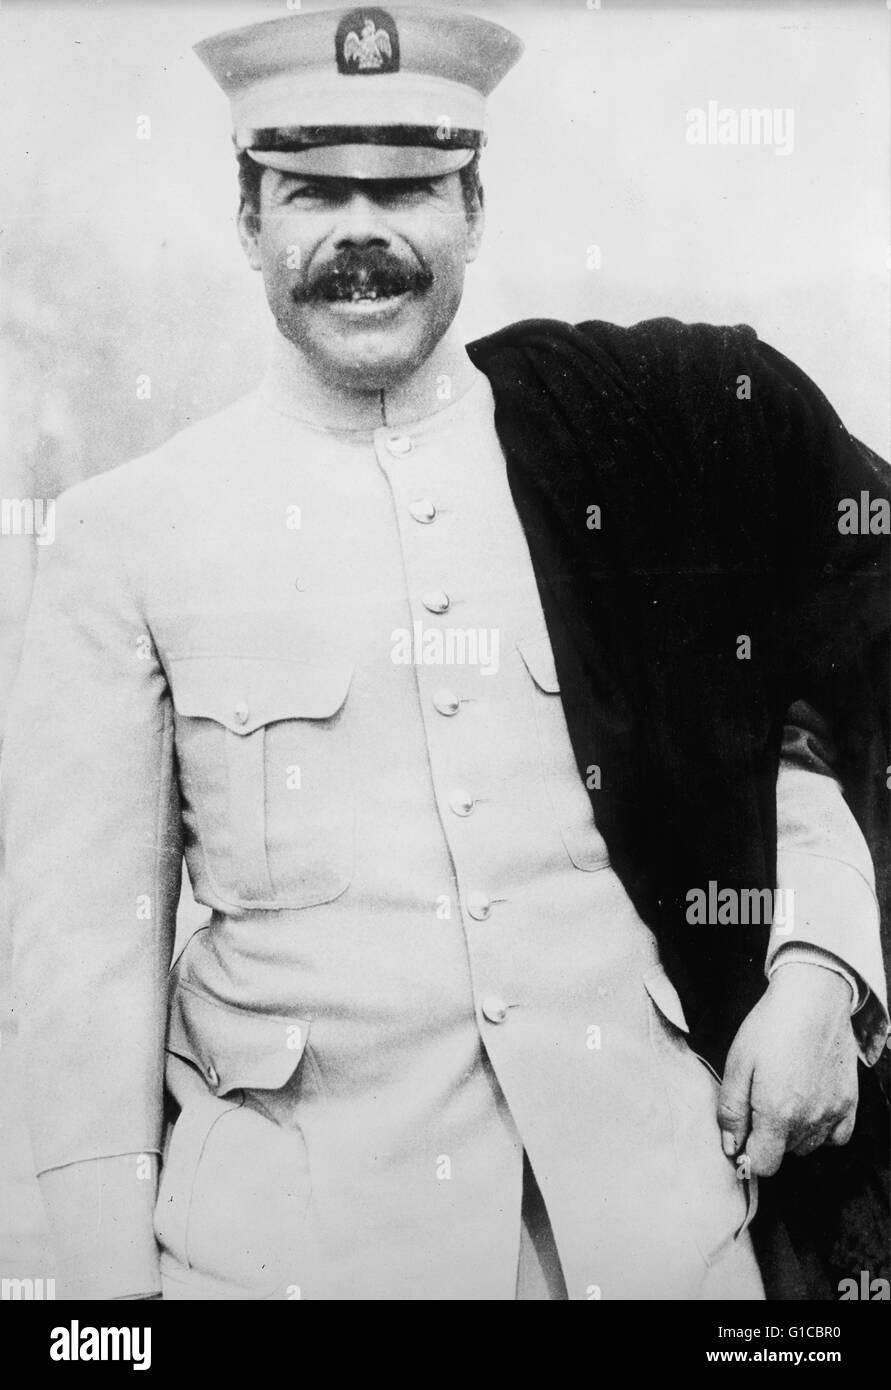 Fotografisches Porträt des mexikanischen Revolutionär Pancho Villa (1878-1923) General und einer der prominentesten Stockbild